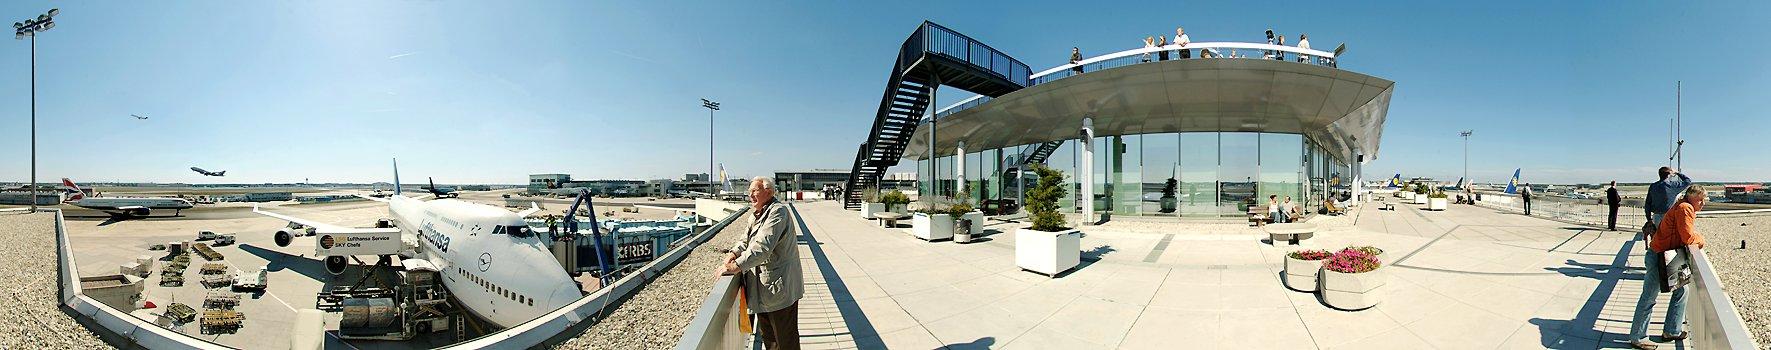 Besucherterrasse Flughafen Frankfurt Stadtpanorama